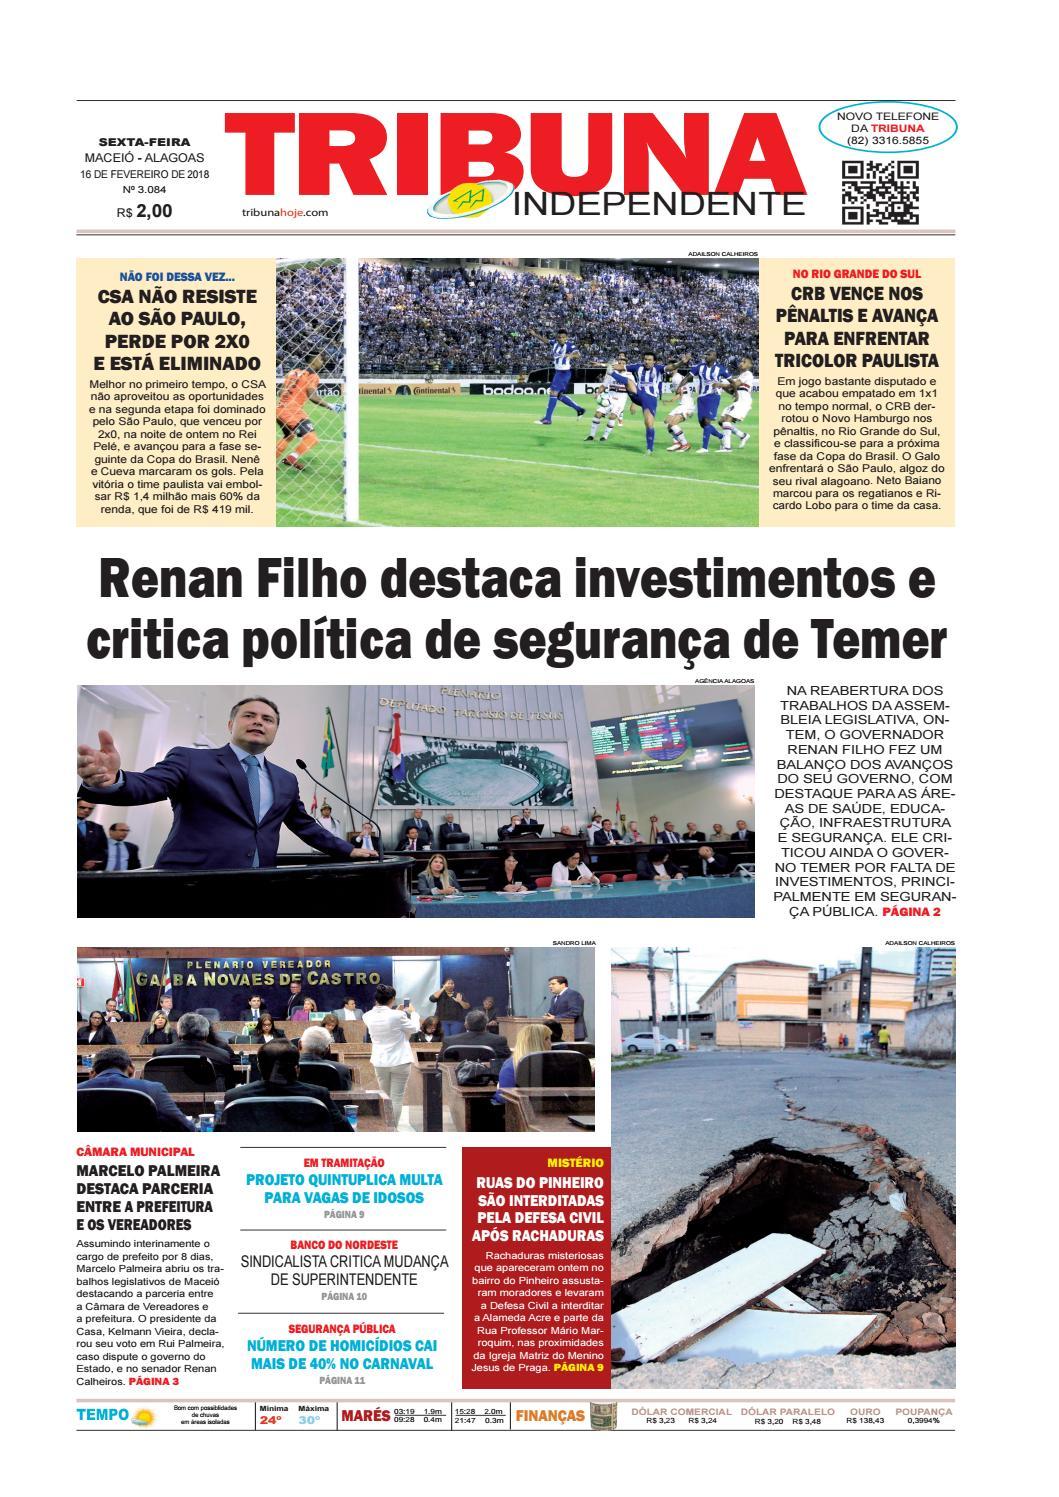 b6c3aa4ad6f Edição número 3084 - 16 de fevereiro de 2018 by Tribuna Hoje - issuu